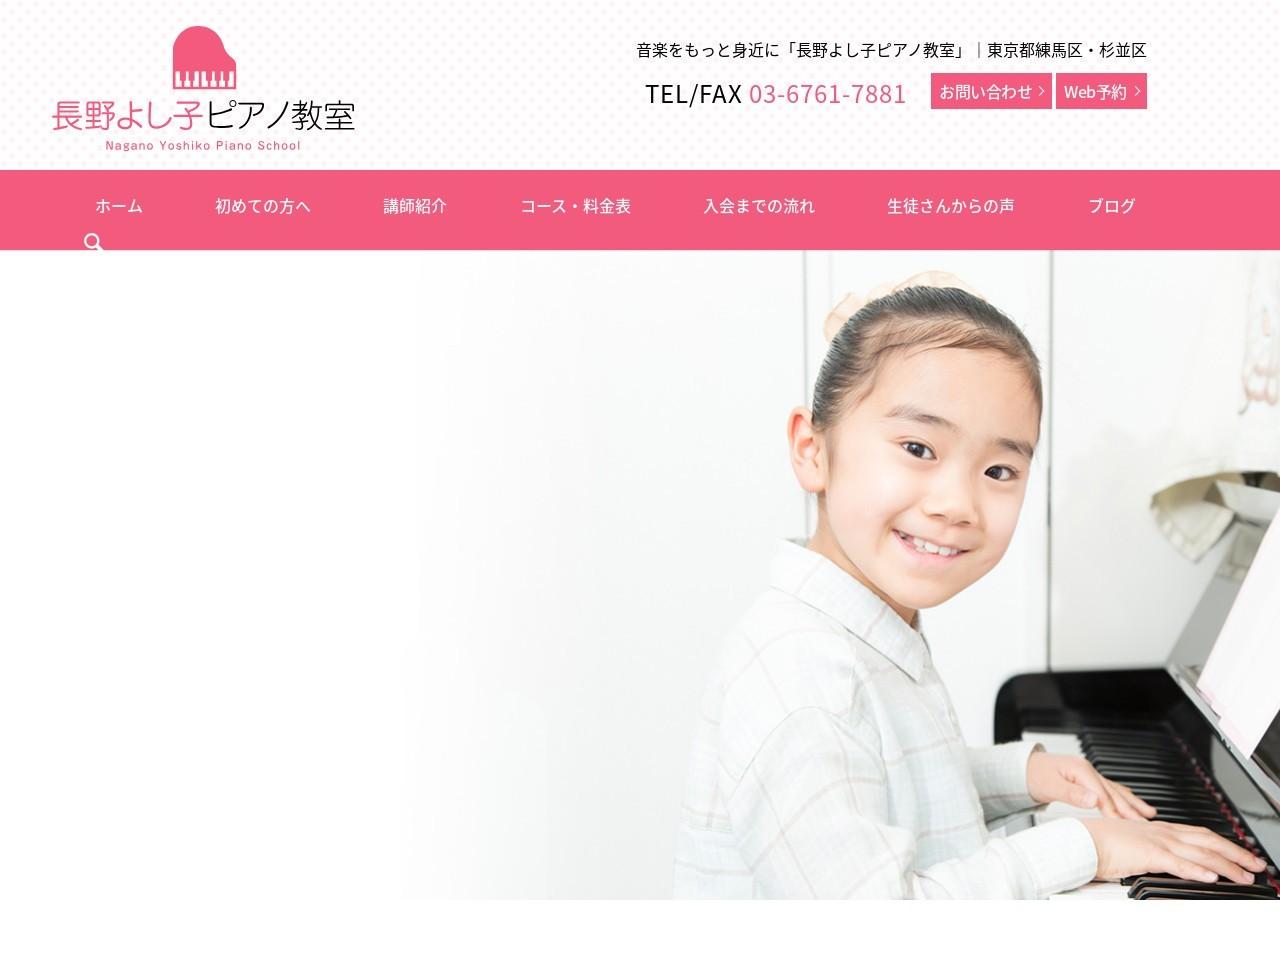 長野よし子ピアノ教室のサムネイル